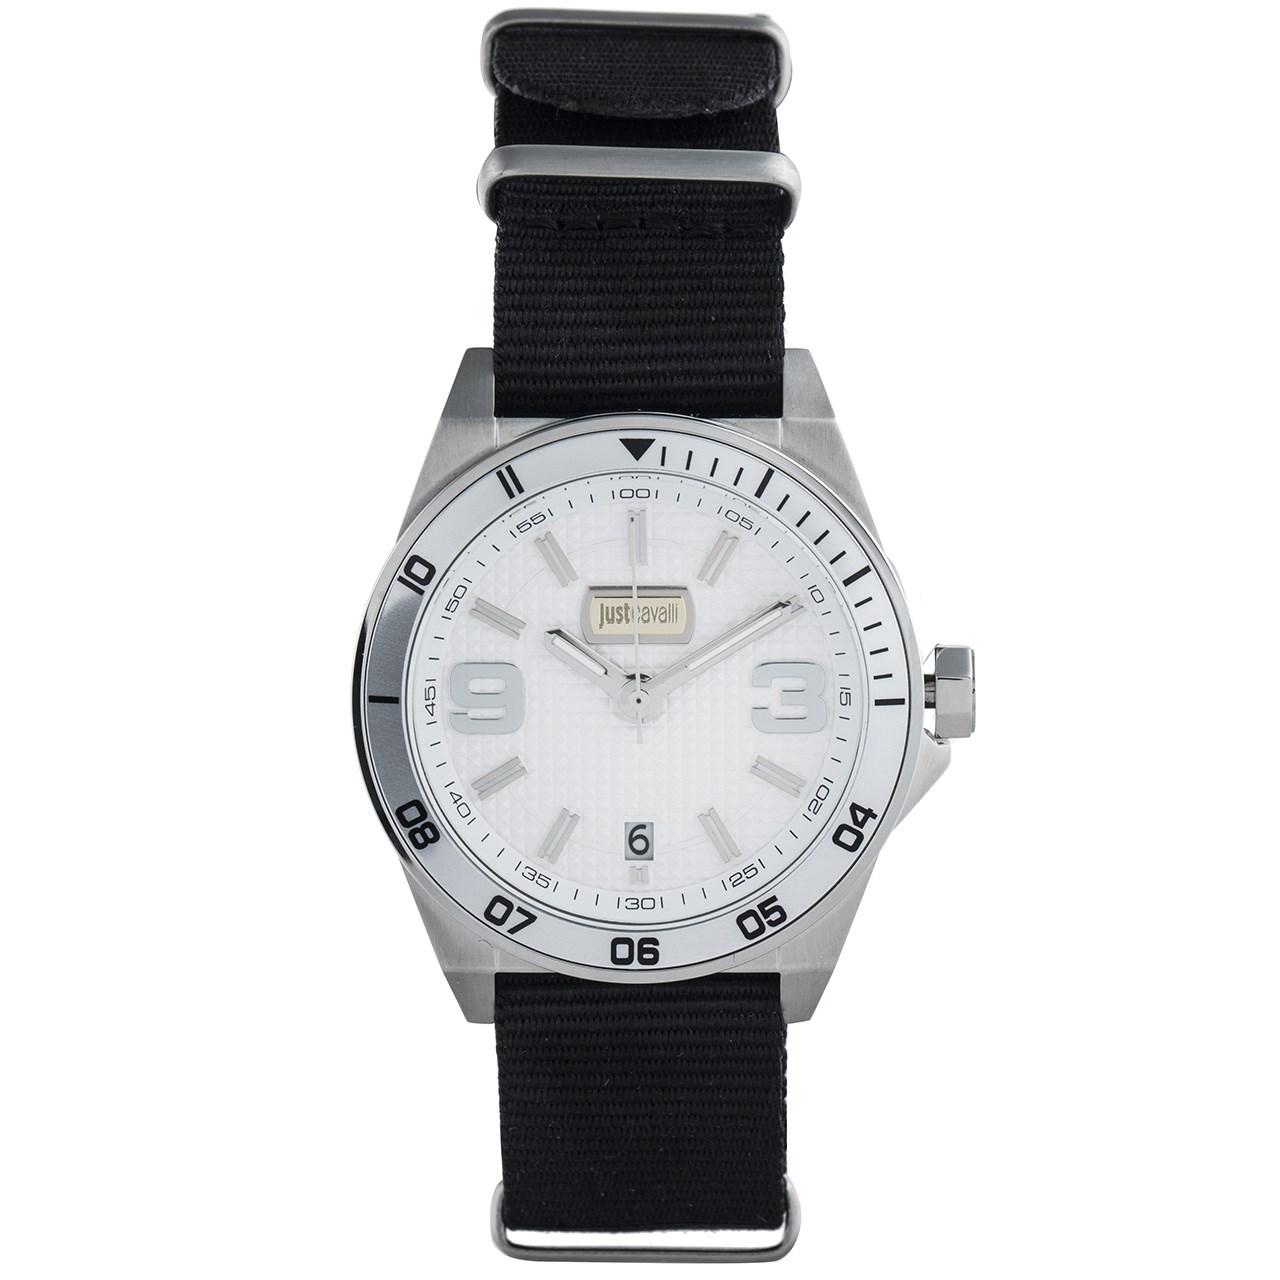 ساعت مچی عقربه ای مردانه جاست کاوالی مدل JC1G014L0015 23